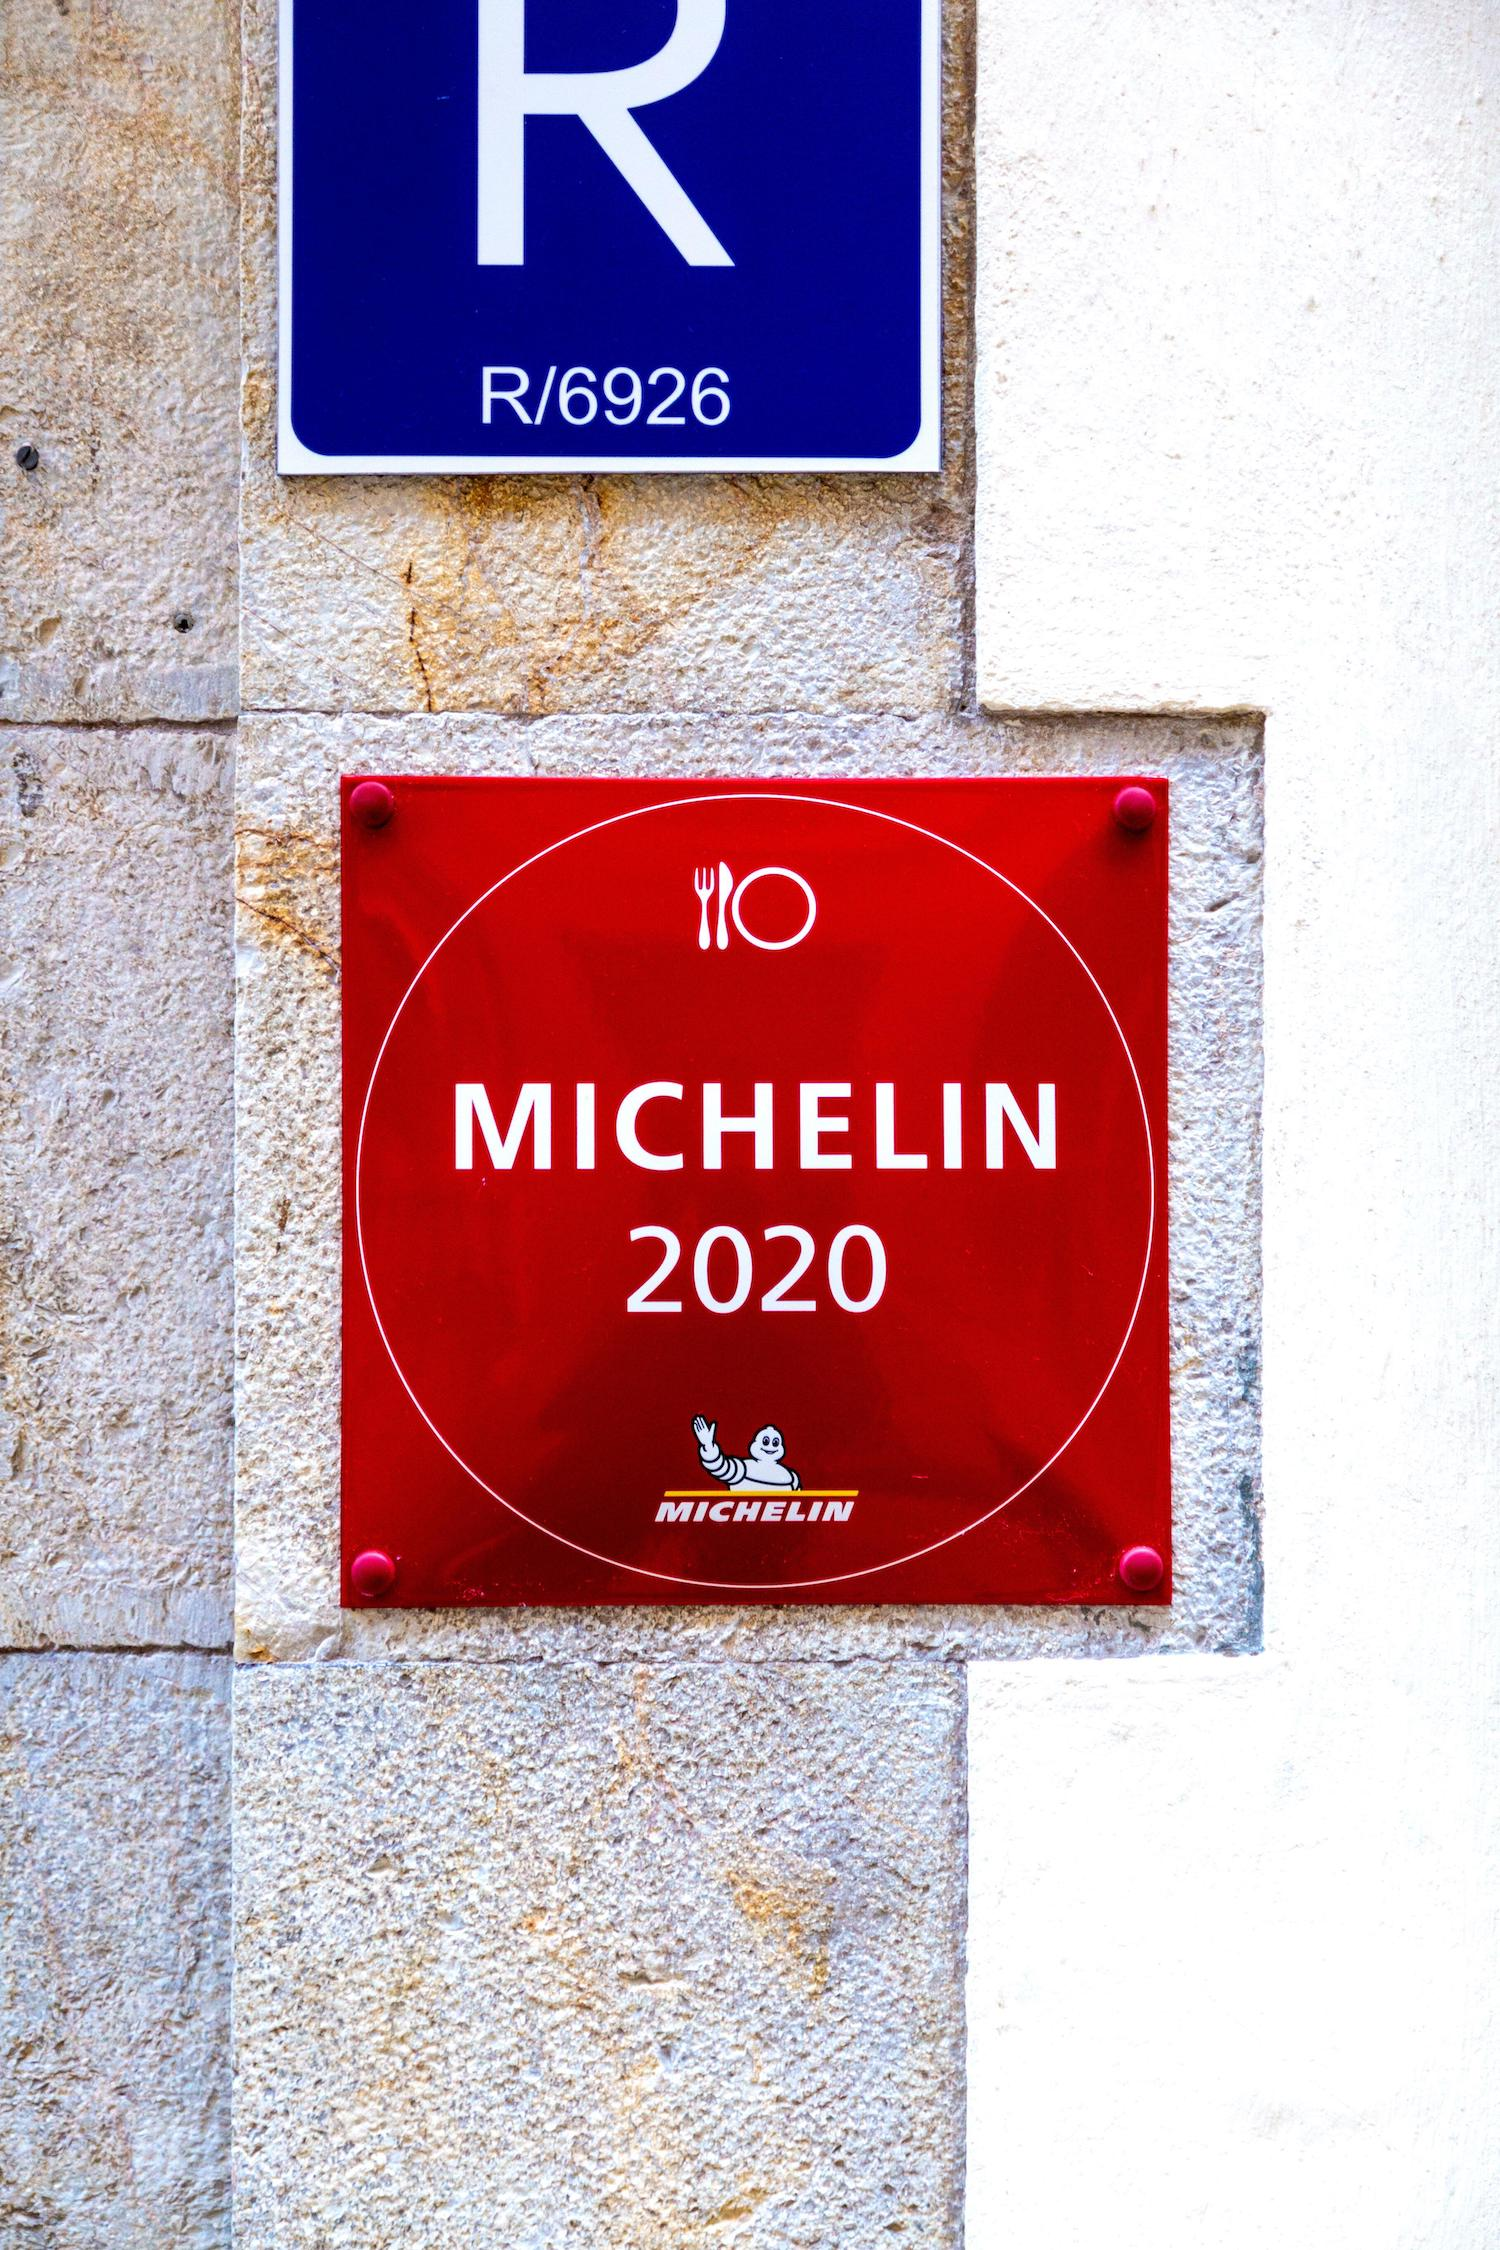 Michelin guide star